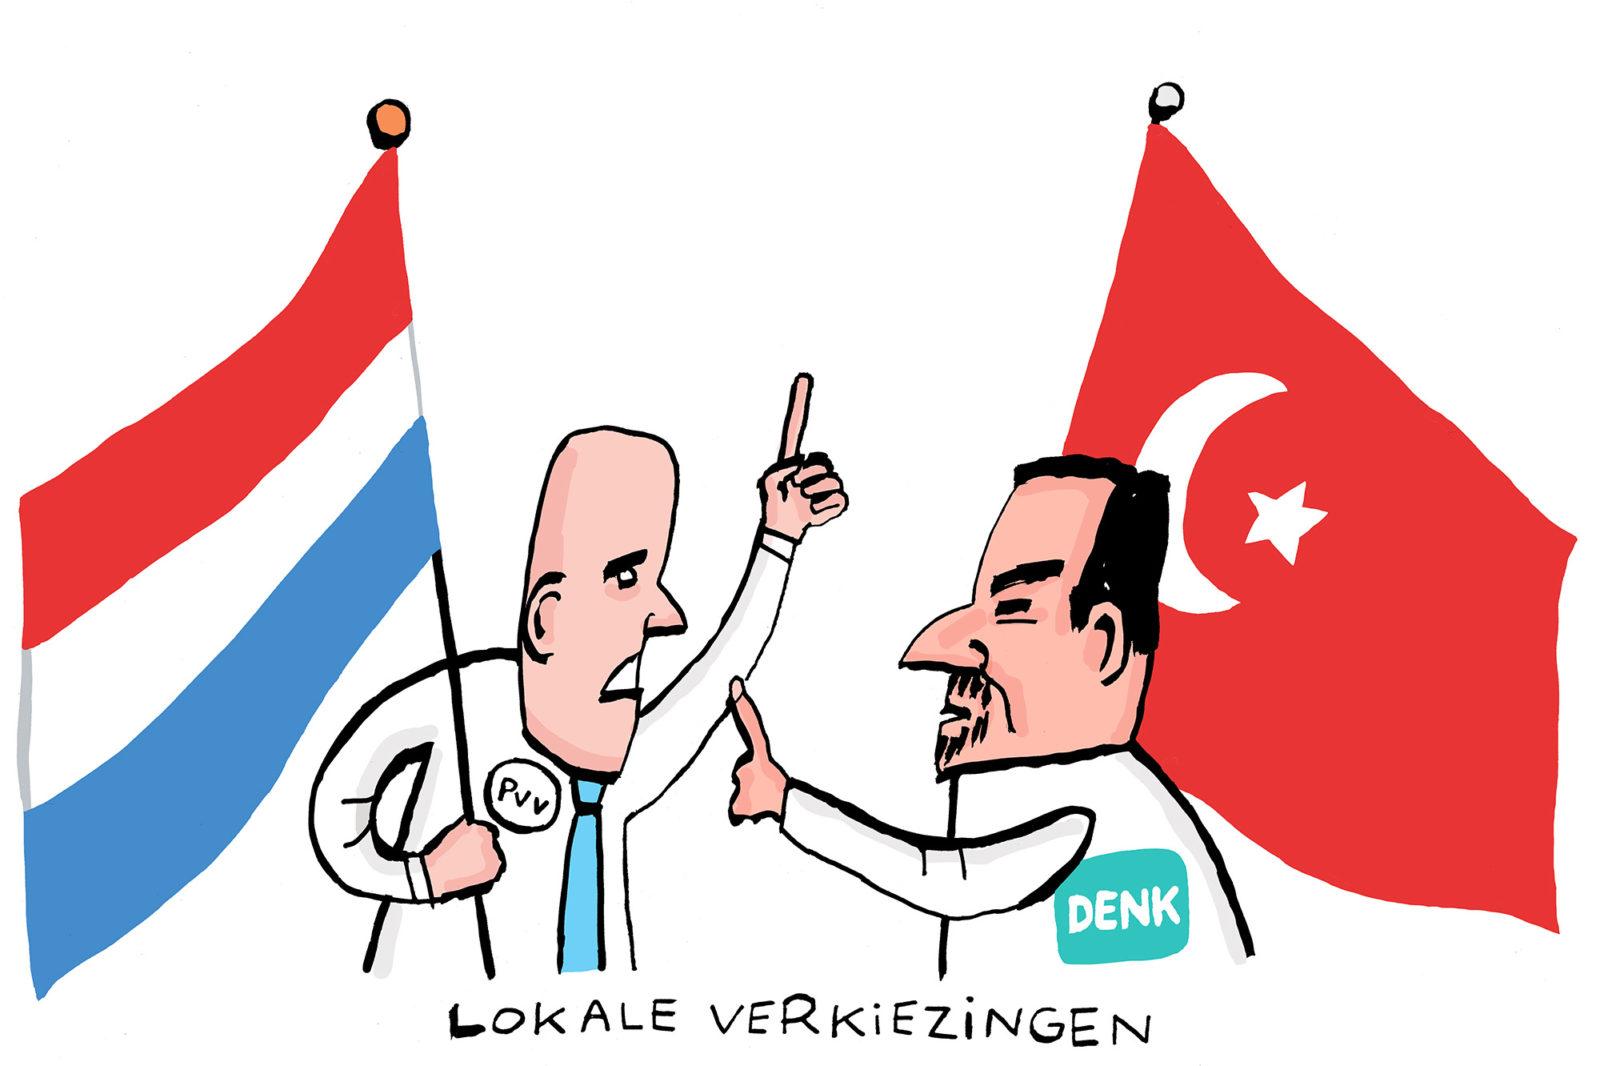 de-kwestie-verkiezingsuitslag-pvv-denk-bas-van-der-schot